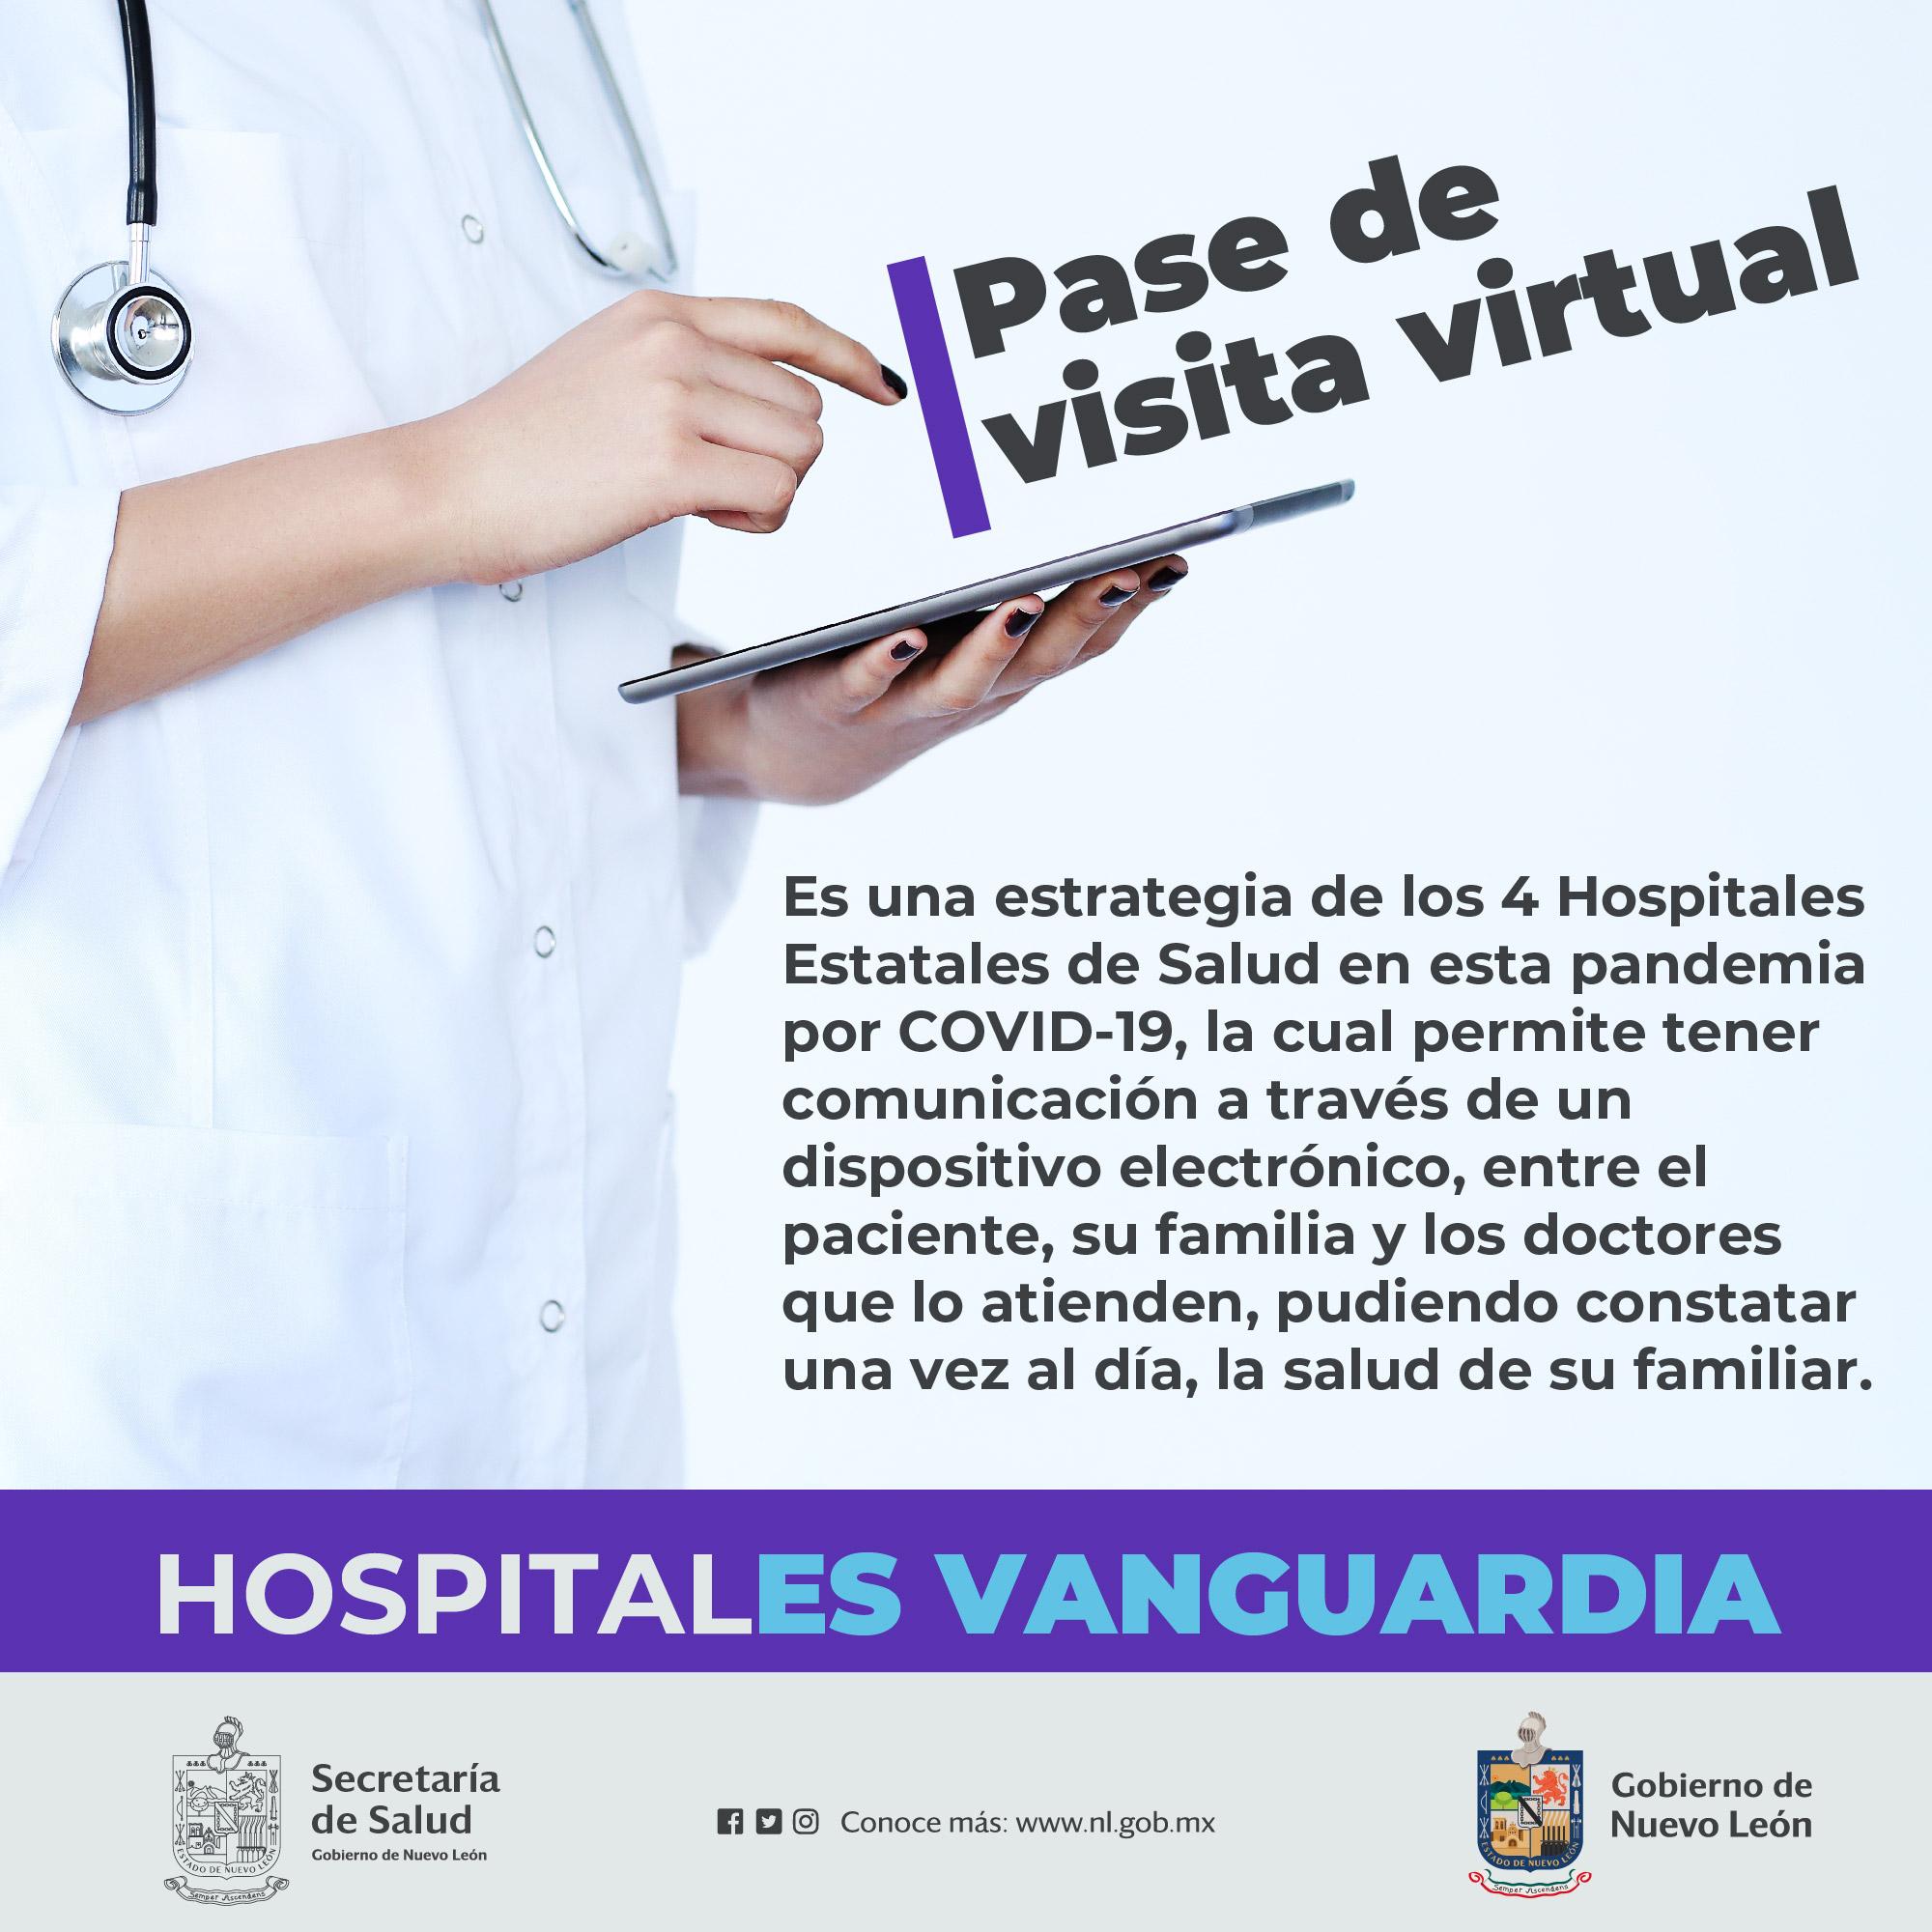 Pase de visita Virtual